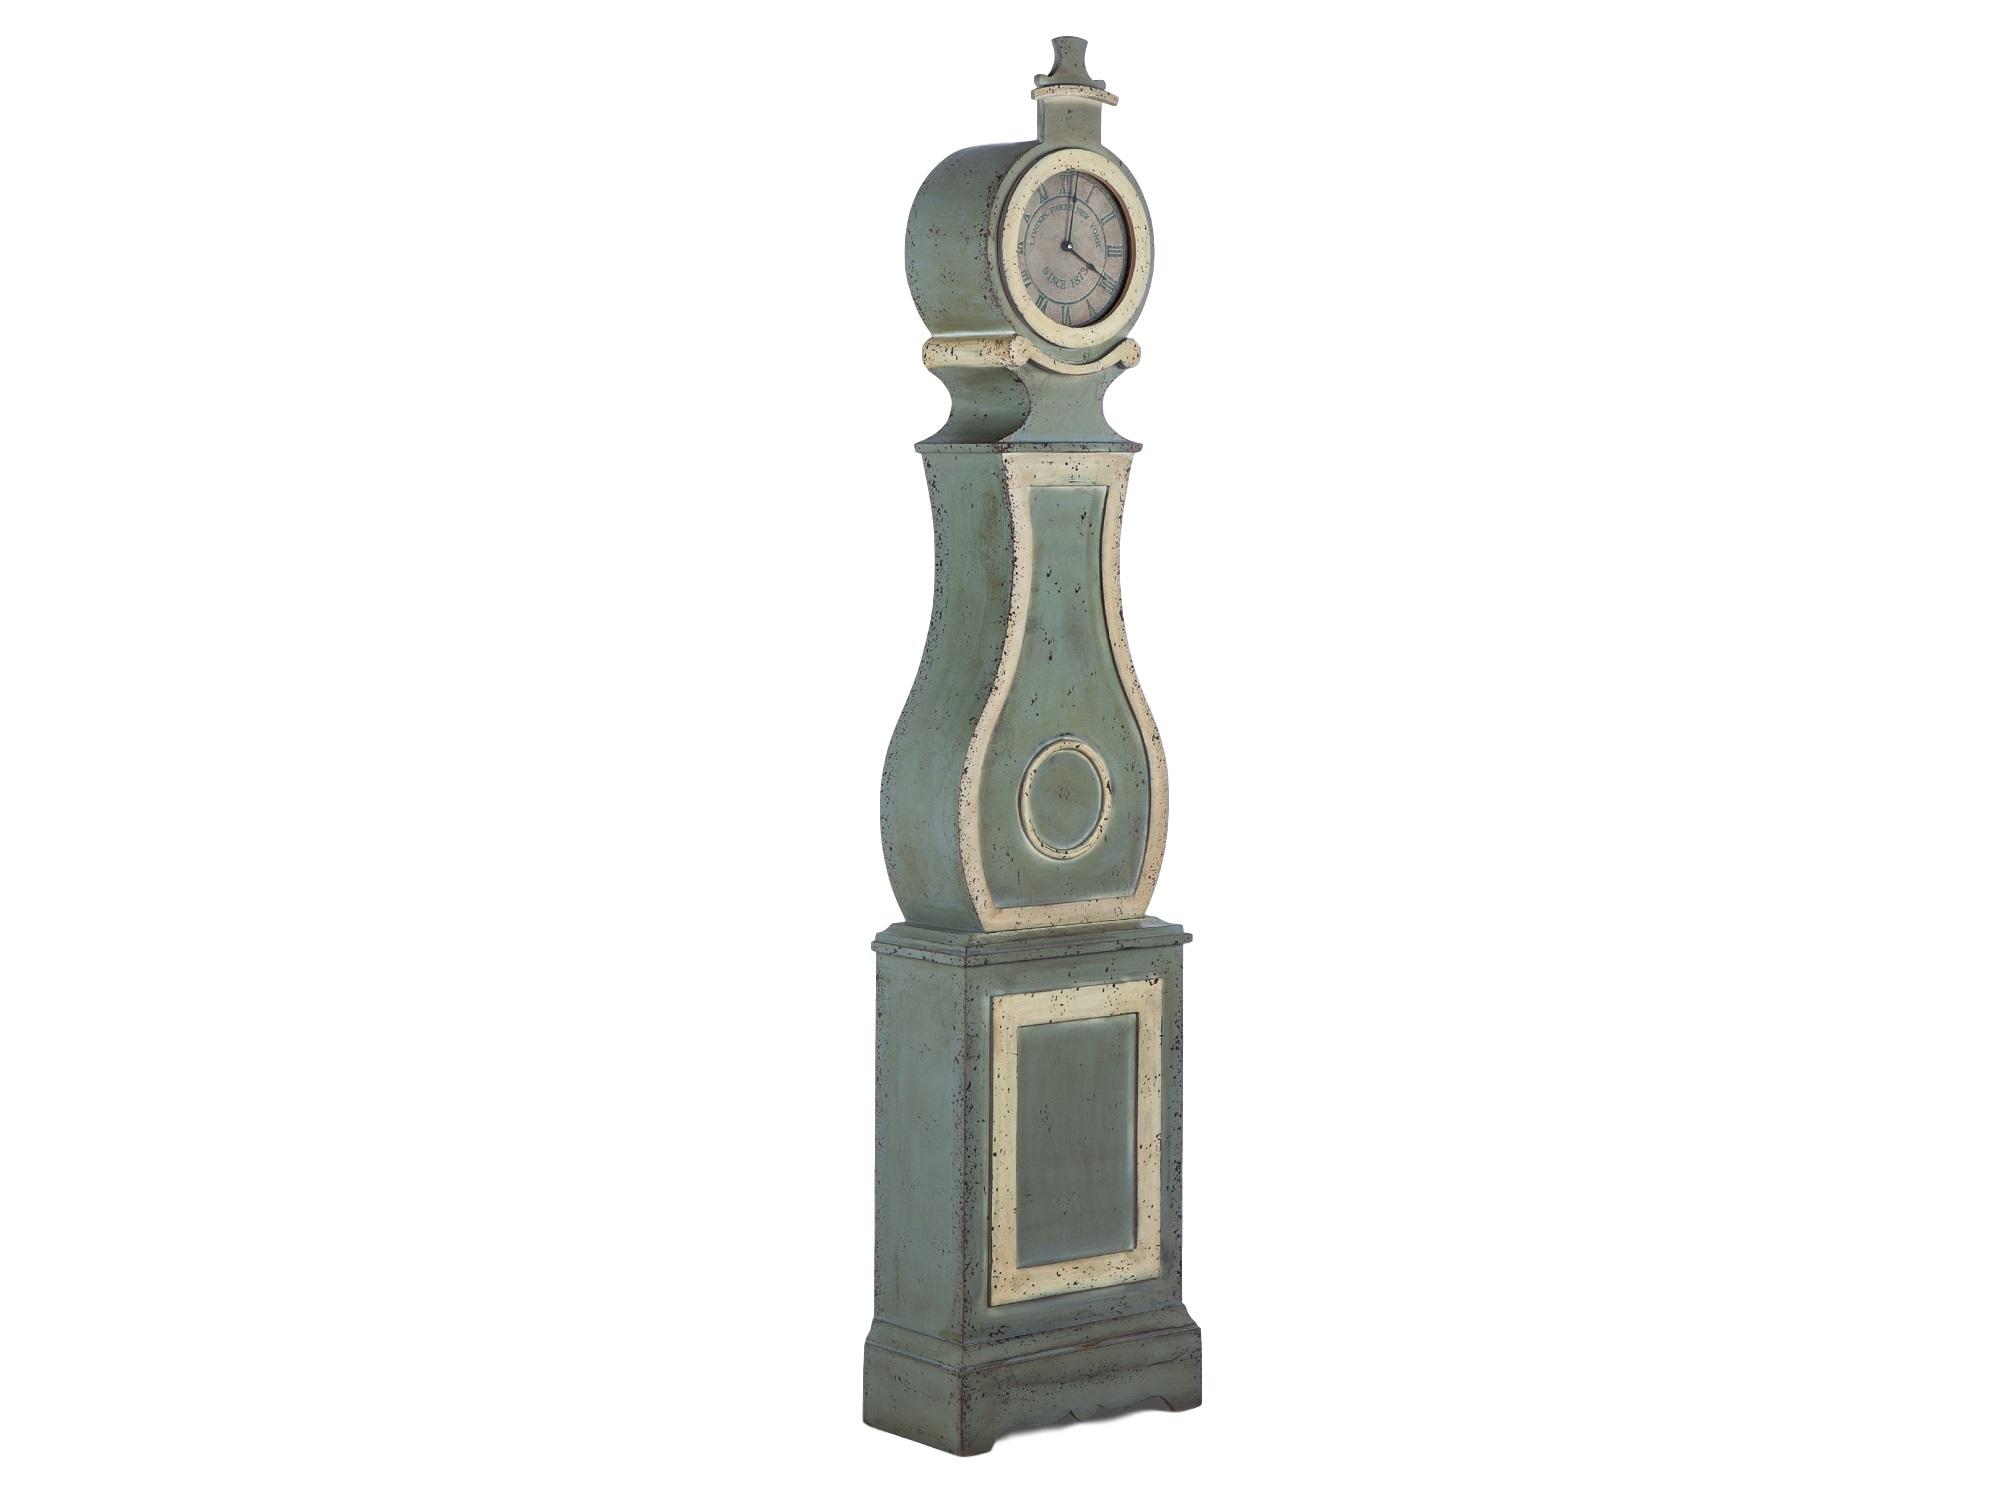 Часы напольныеНапольные часы<br>Состаренные напольные часы в стиле прованс.&amp;lt;div&amp;gt;&amp;lt;br&amp;gt;&amp;lt;/div&amp;gt;&amp;lt;div&amp;gt;Материал: MDF&amp;lt;br&amp;gt;&amp;lt;/div&amp;gt;&amp;lt;div&amp;gt;Механизм: Кварцевый&amp;lt;/div&amp;gt;<br><br>Material: Дерево<br>Width см: 48<br>Depth см: 24<br>Height см: 212